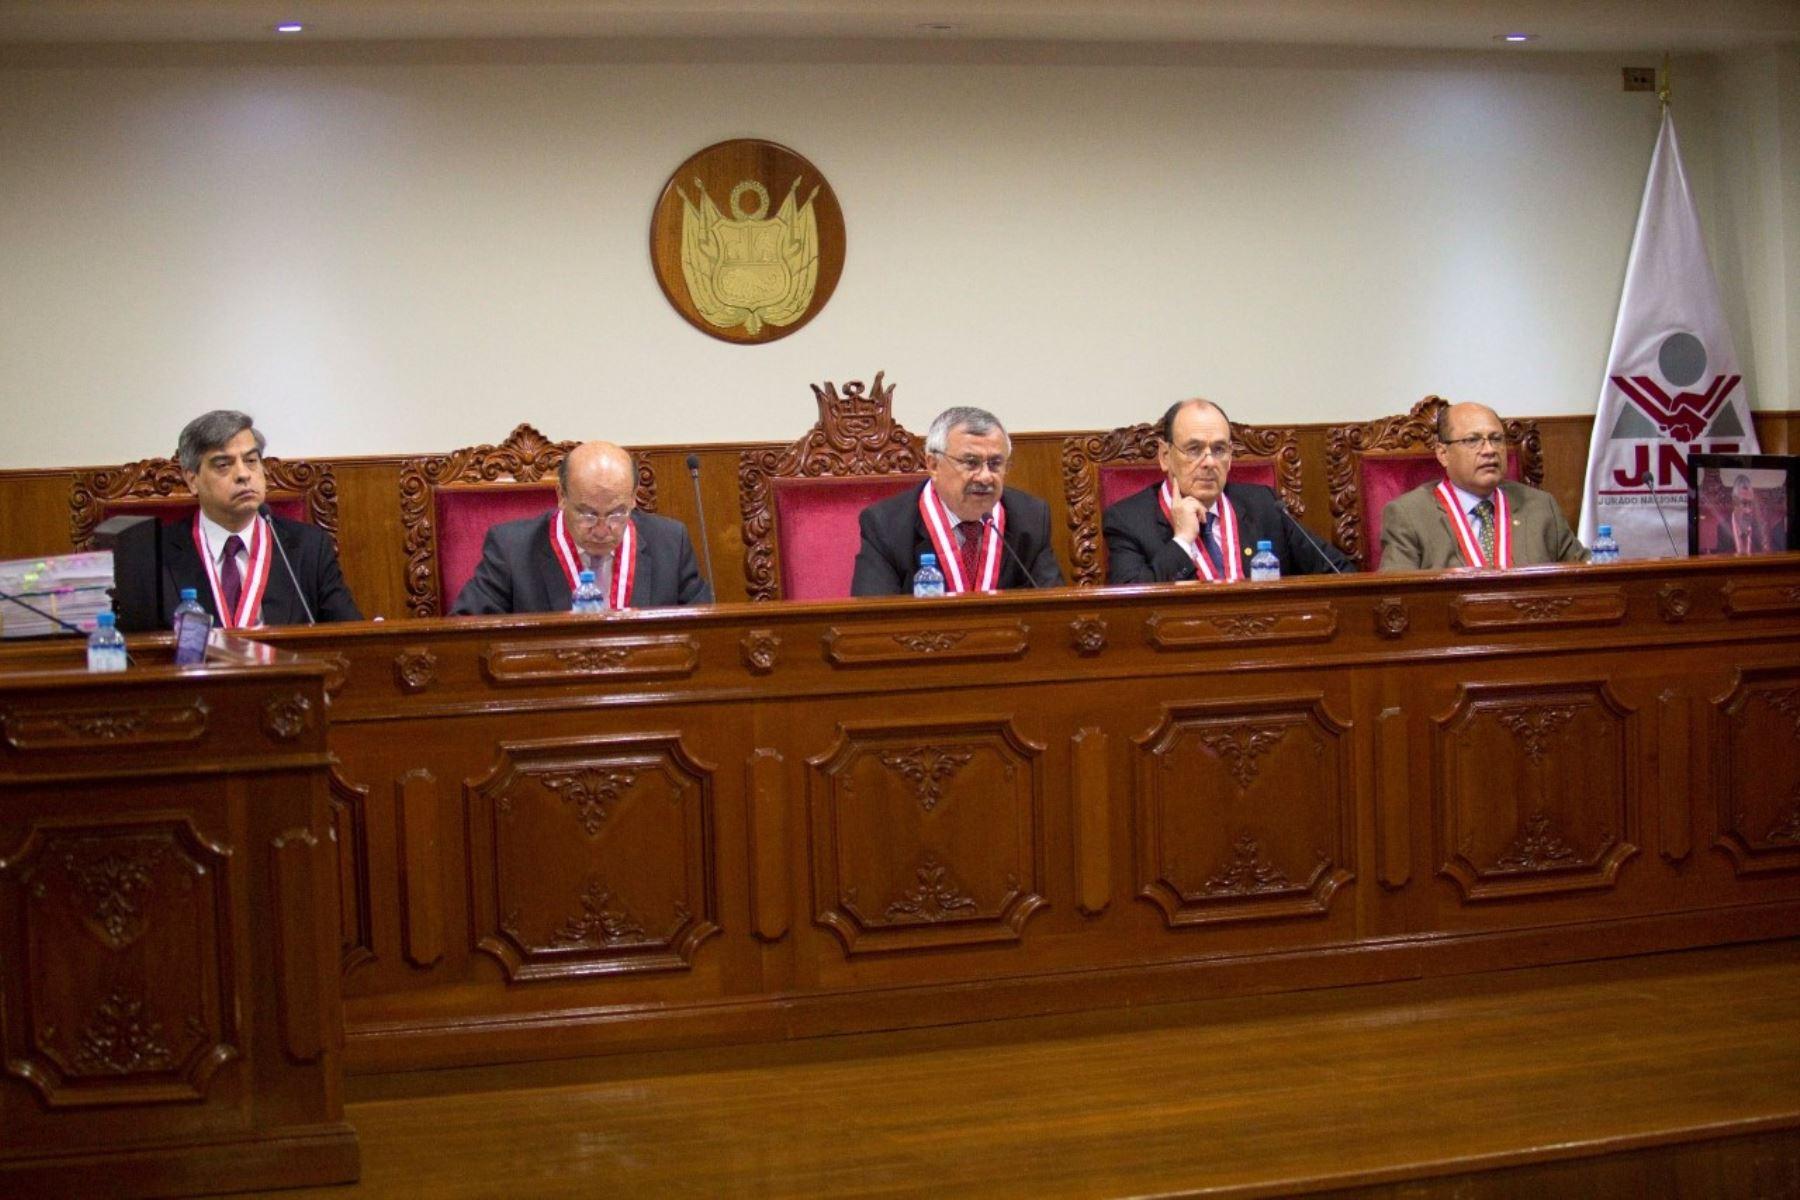 Audiencia del JNE realizada para ver las actas observadas. Foto: Difusión.